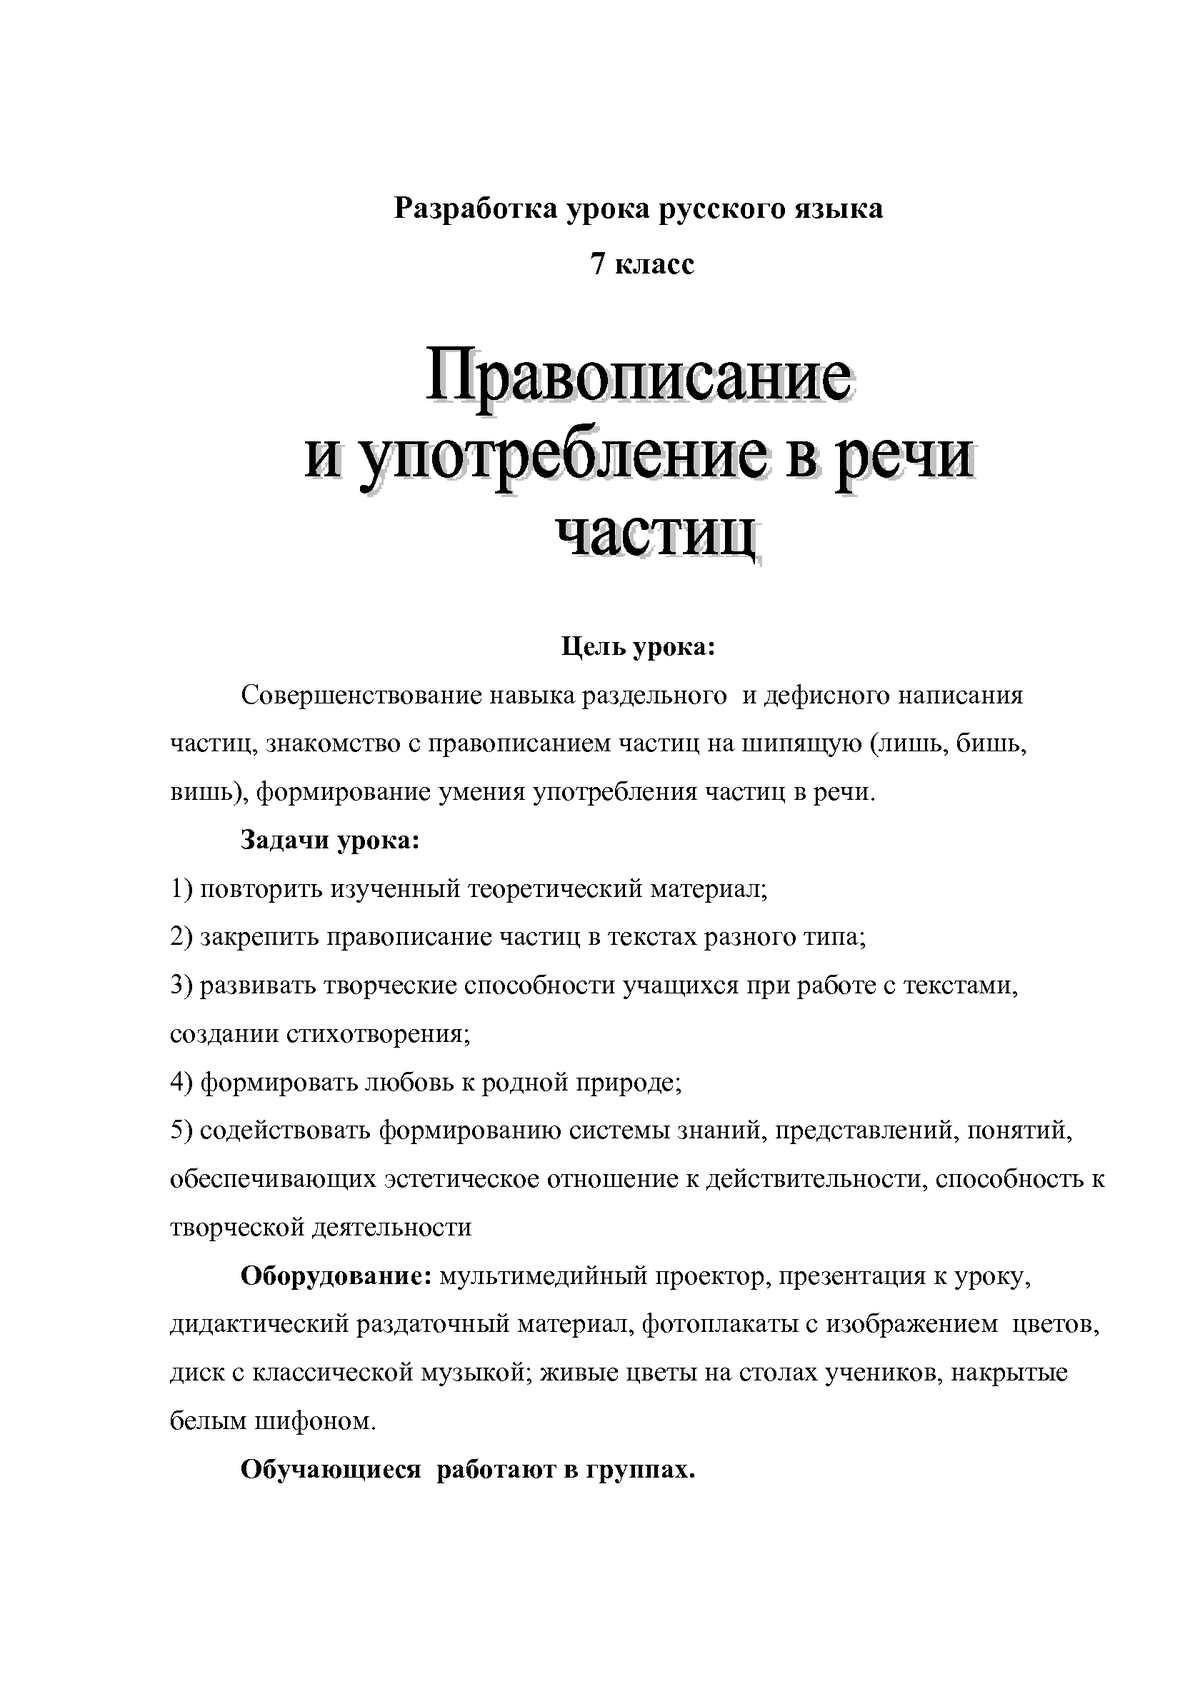 знакомство с частицами русский язык 3 класс